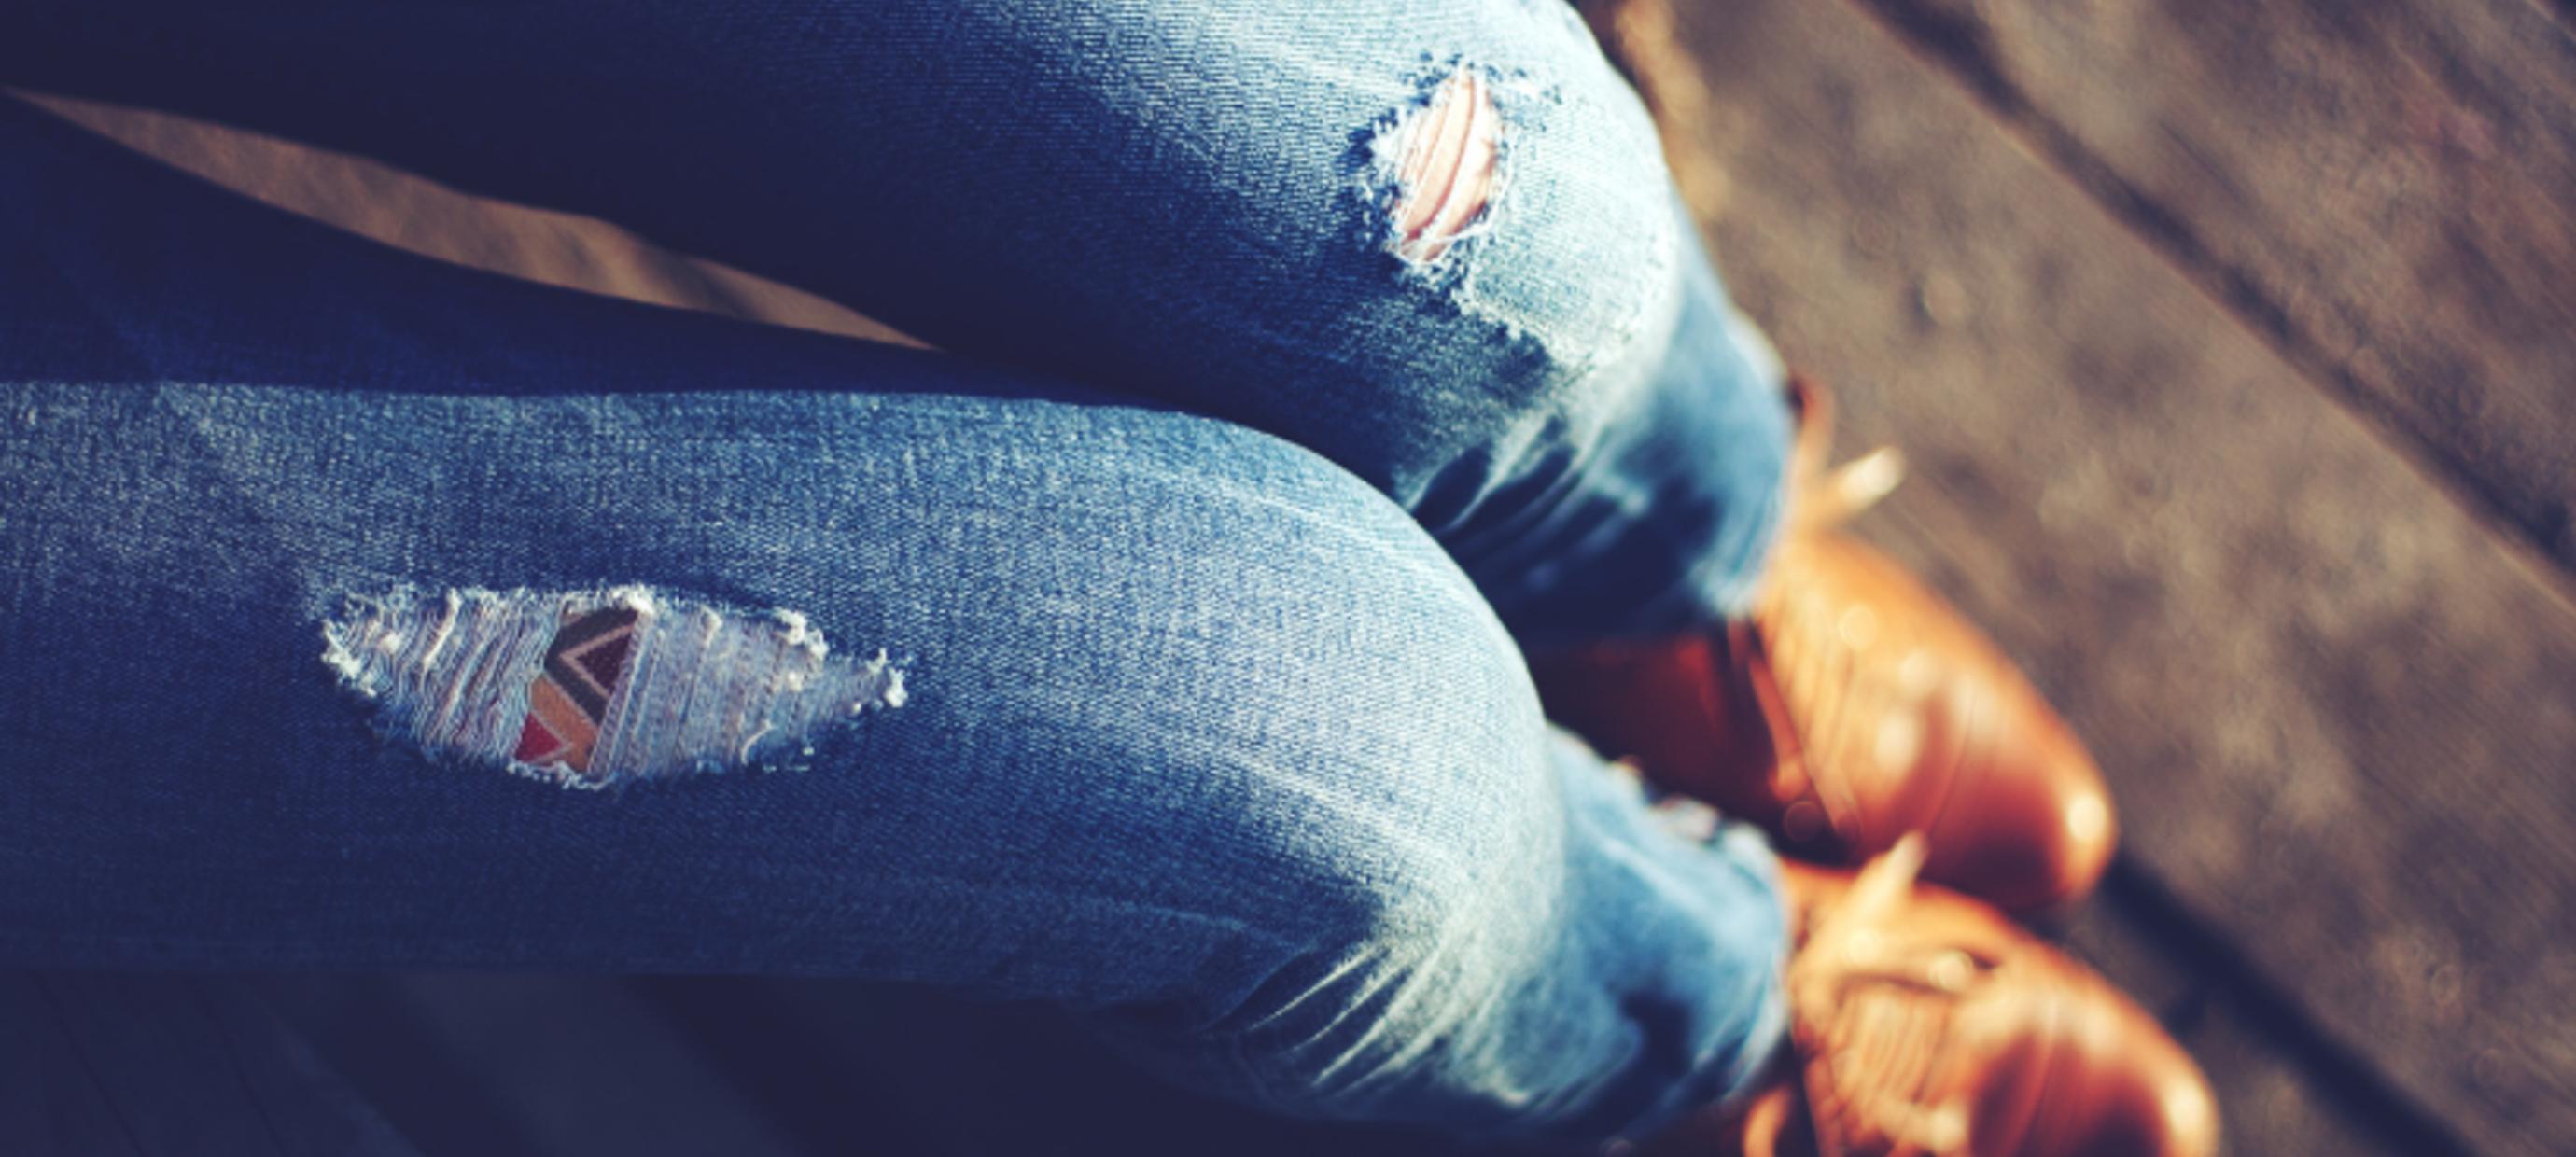 Rub test: hoe slijtvast is mijn buitenkleding